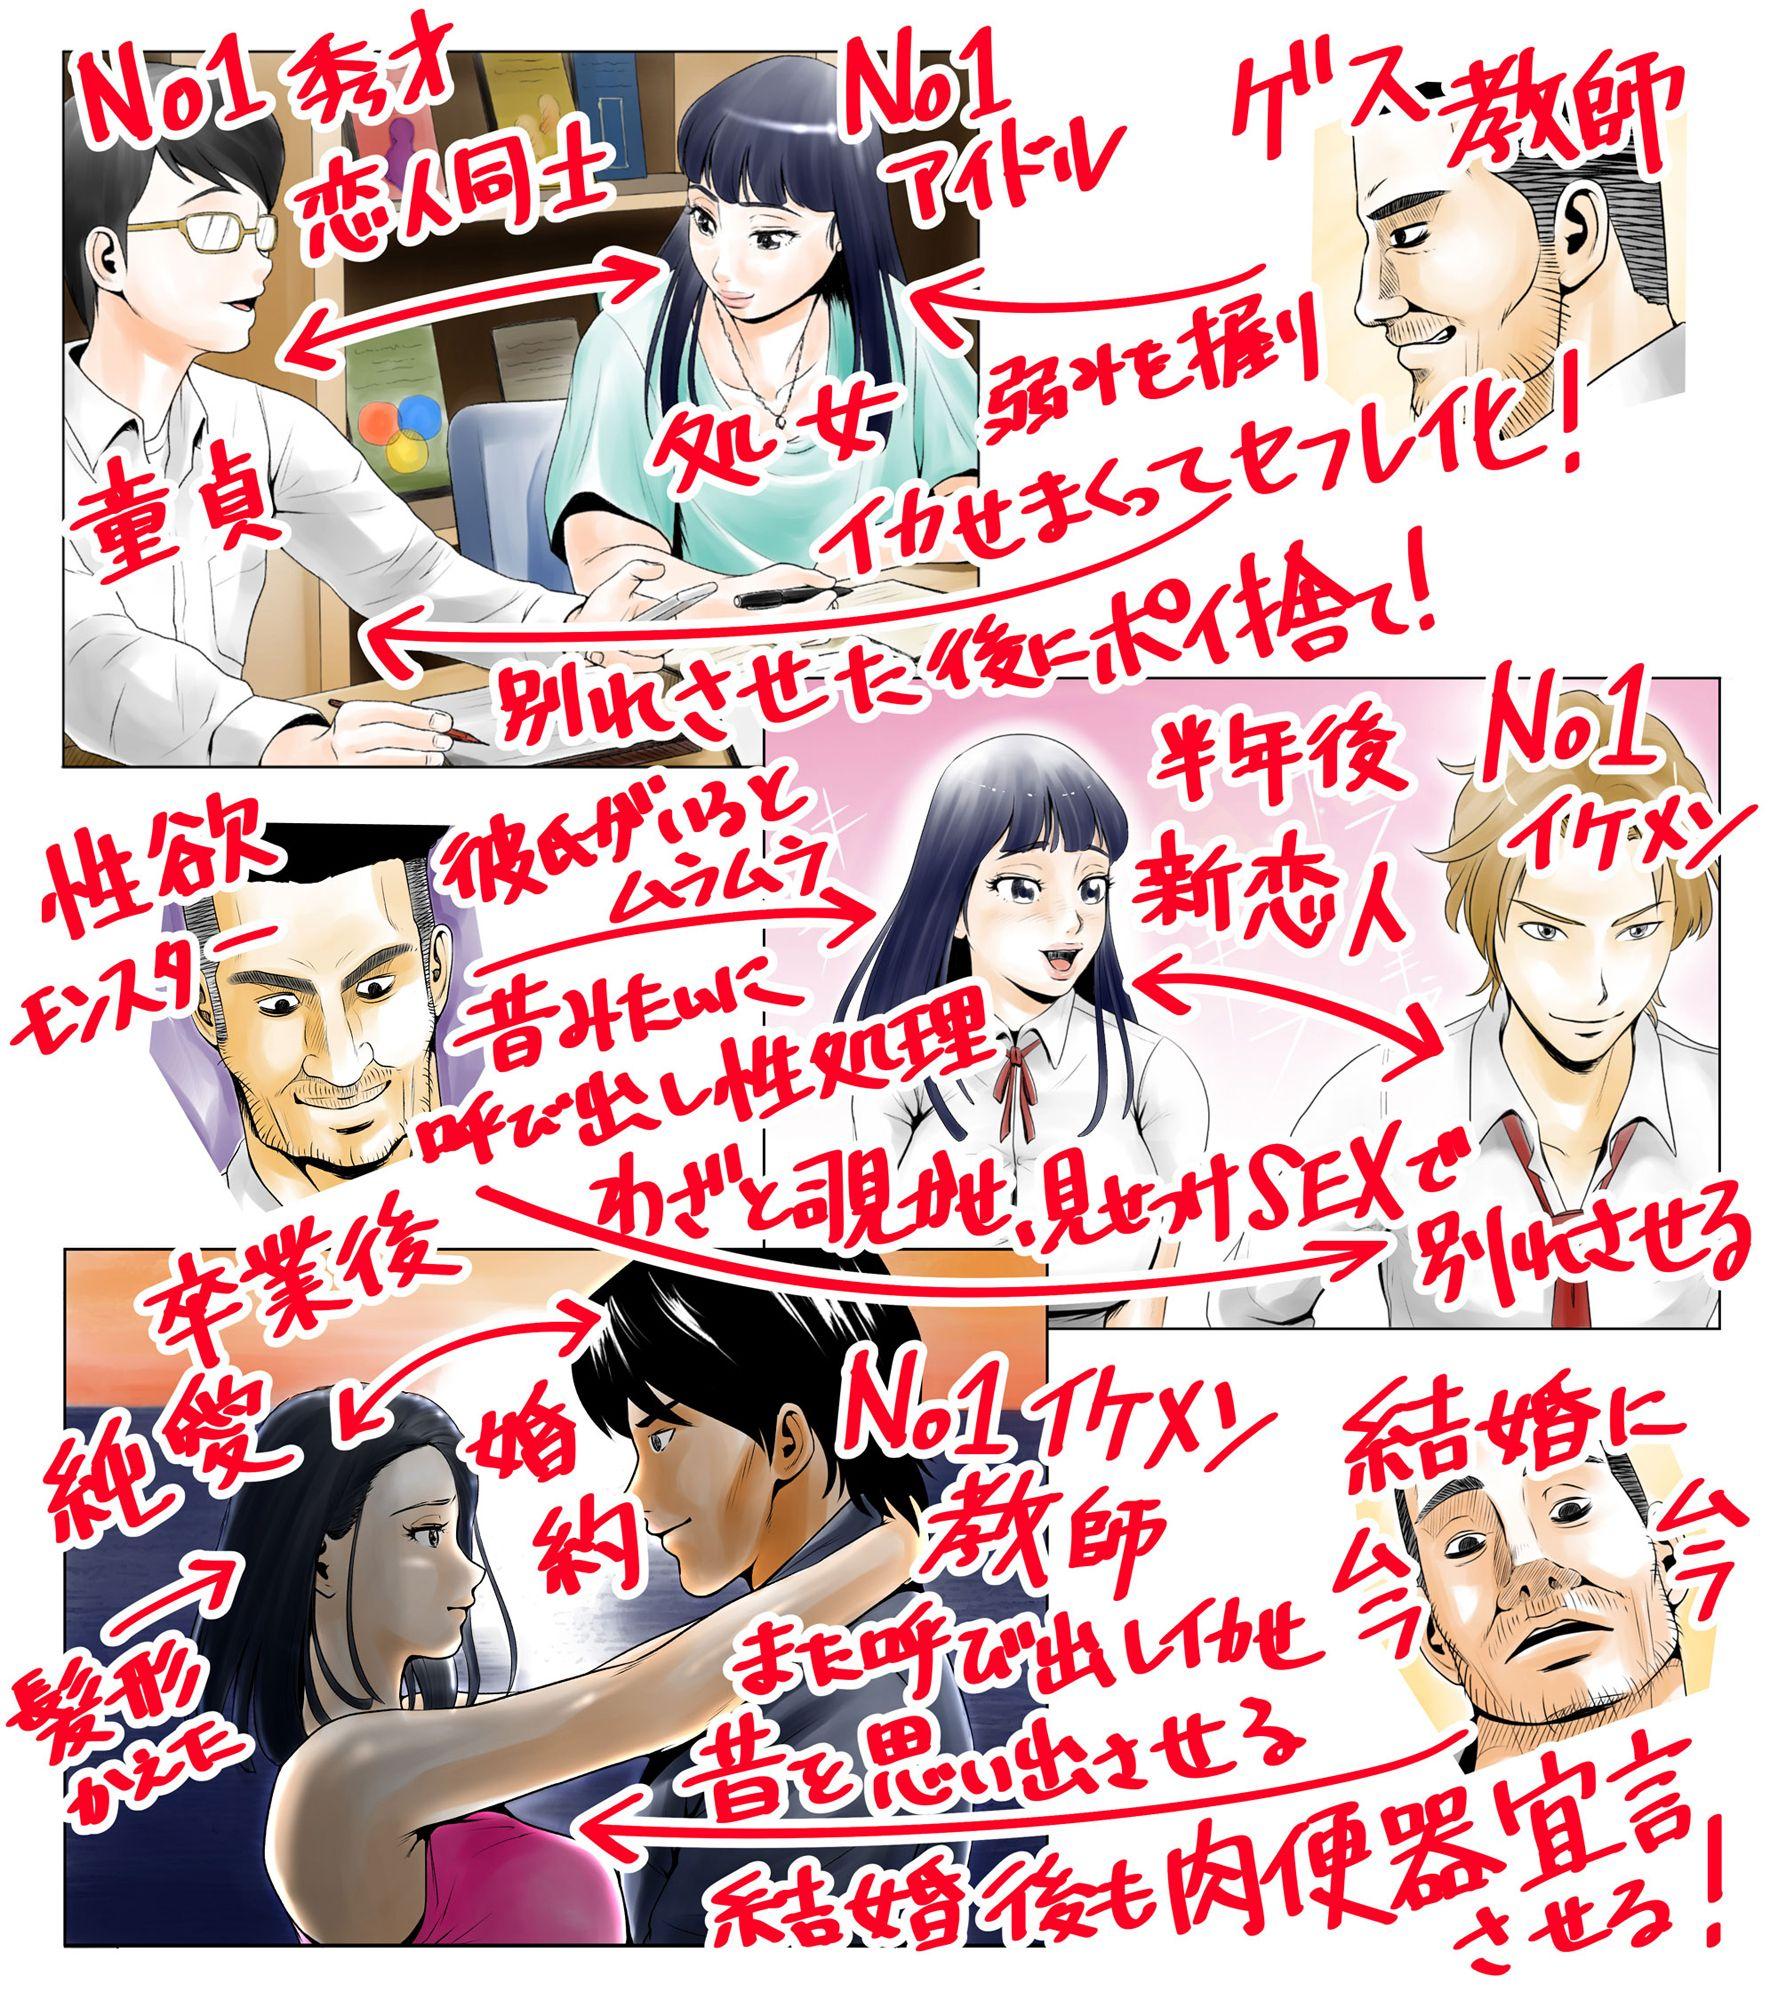 ごめんね、今日のデート行けなくなっちゃった。(元AV男優教師のキモ山先生改良版)のサンプル画像1